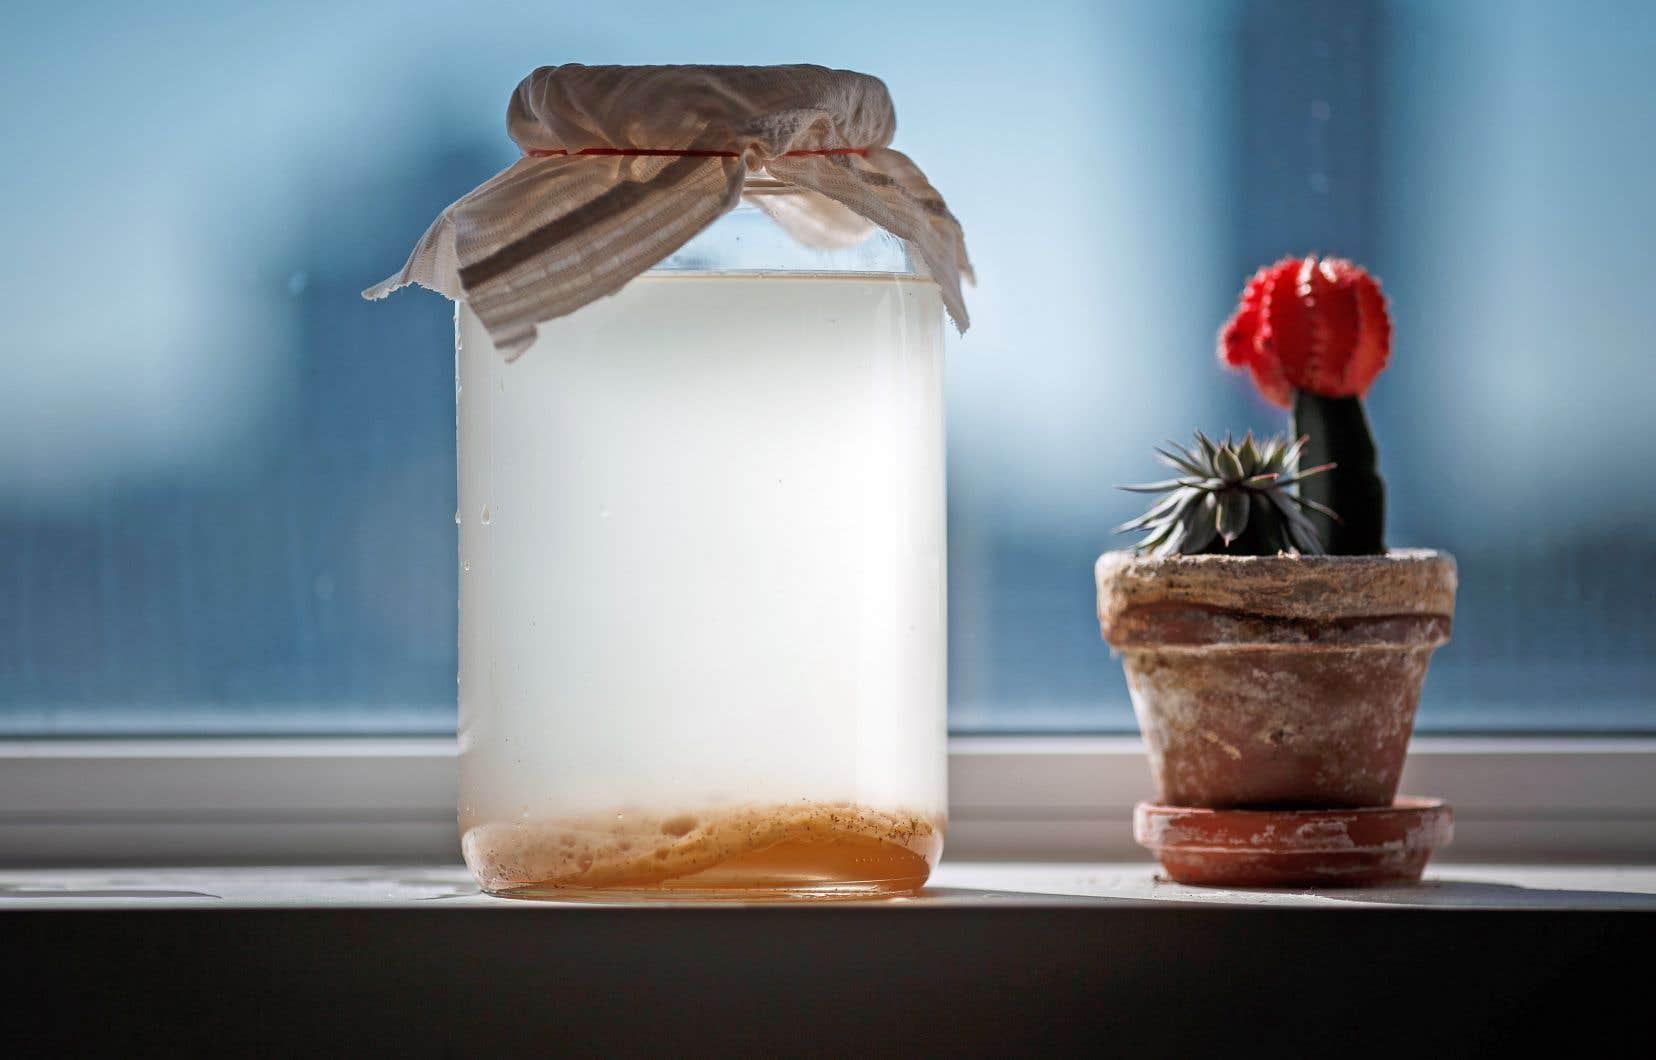 S'il est assez simple (et économique!) de faire soi-même son kombucha à la maison, il est facile de rater sa culture en la laissant trop longtemps fermenter ou en n'utilisant pas assez de sucre